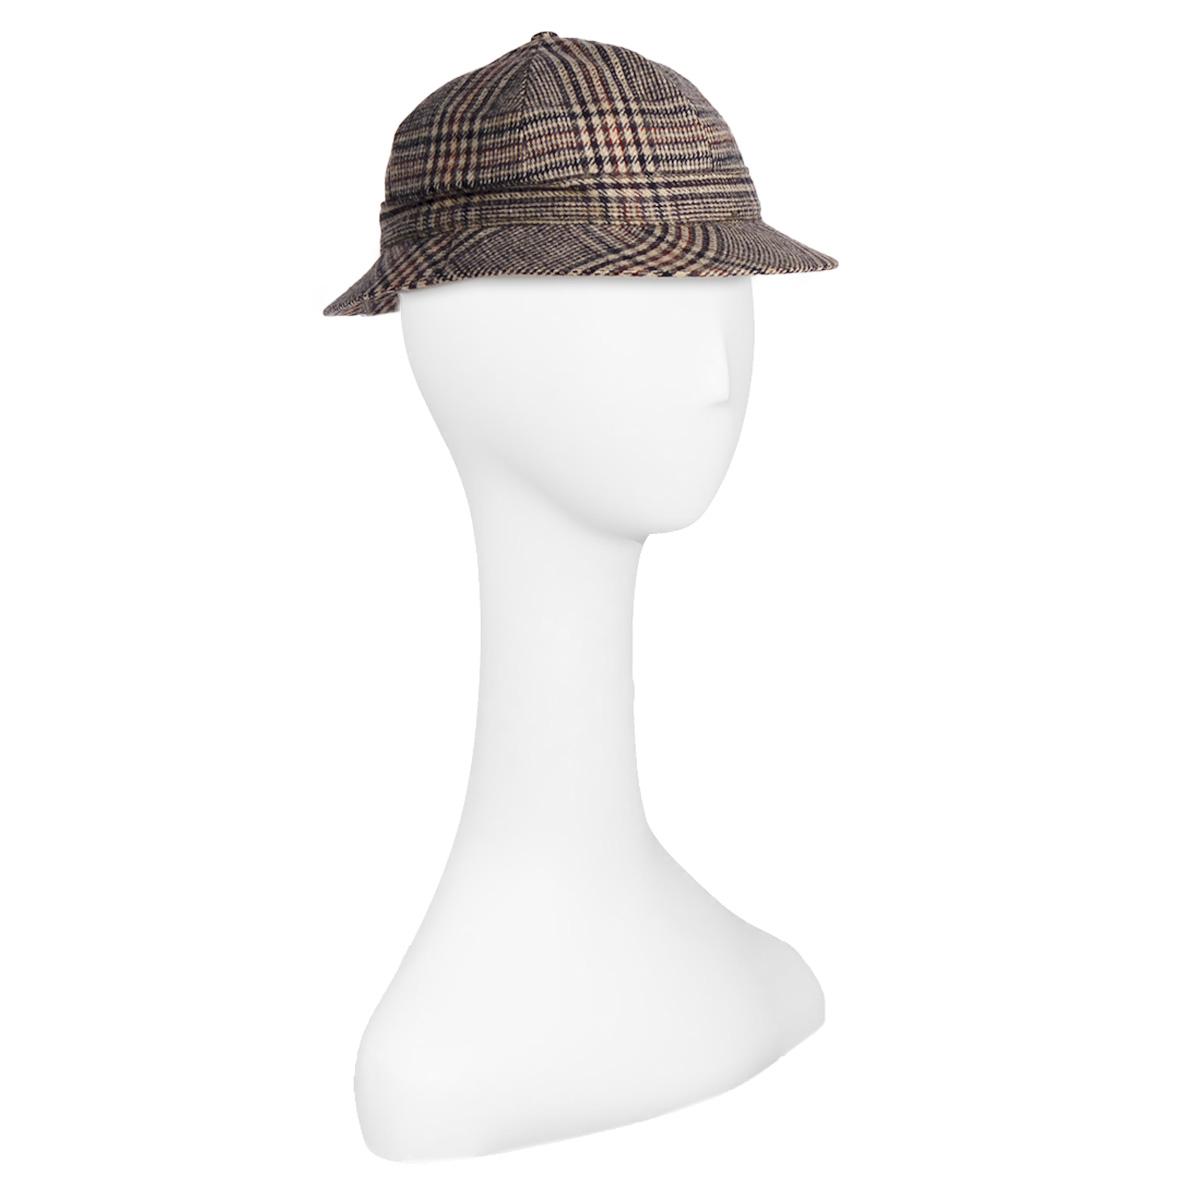 Deerstalker cap